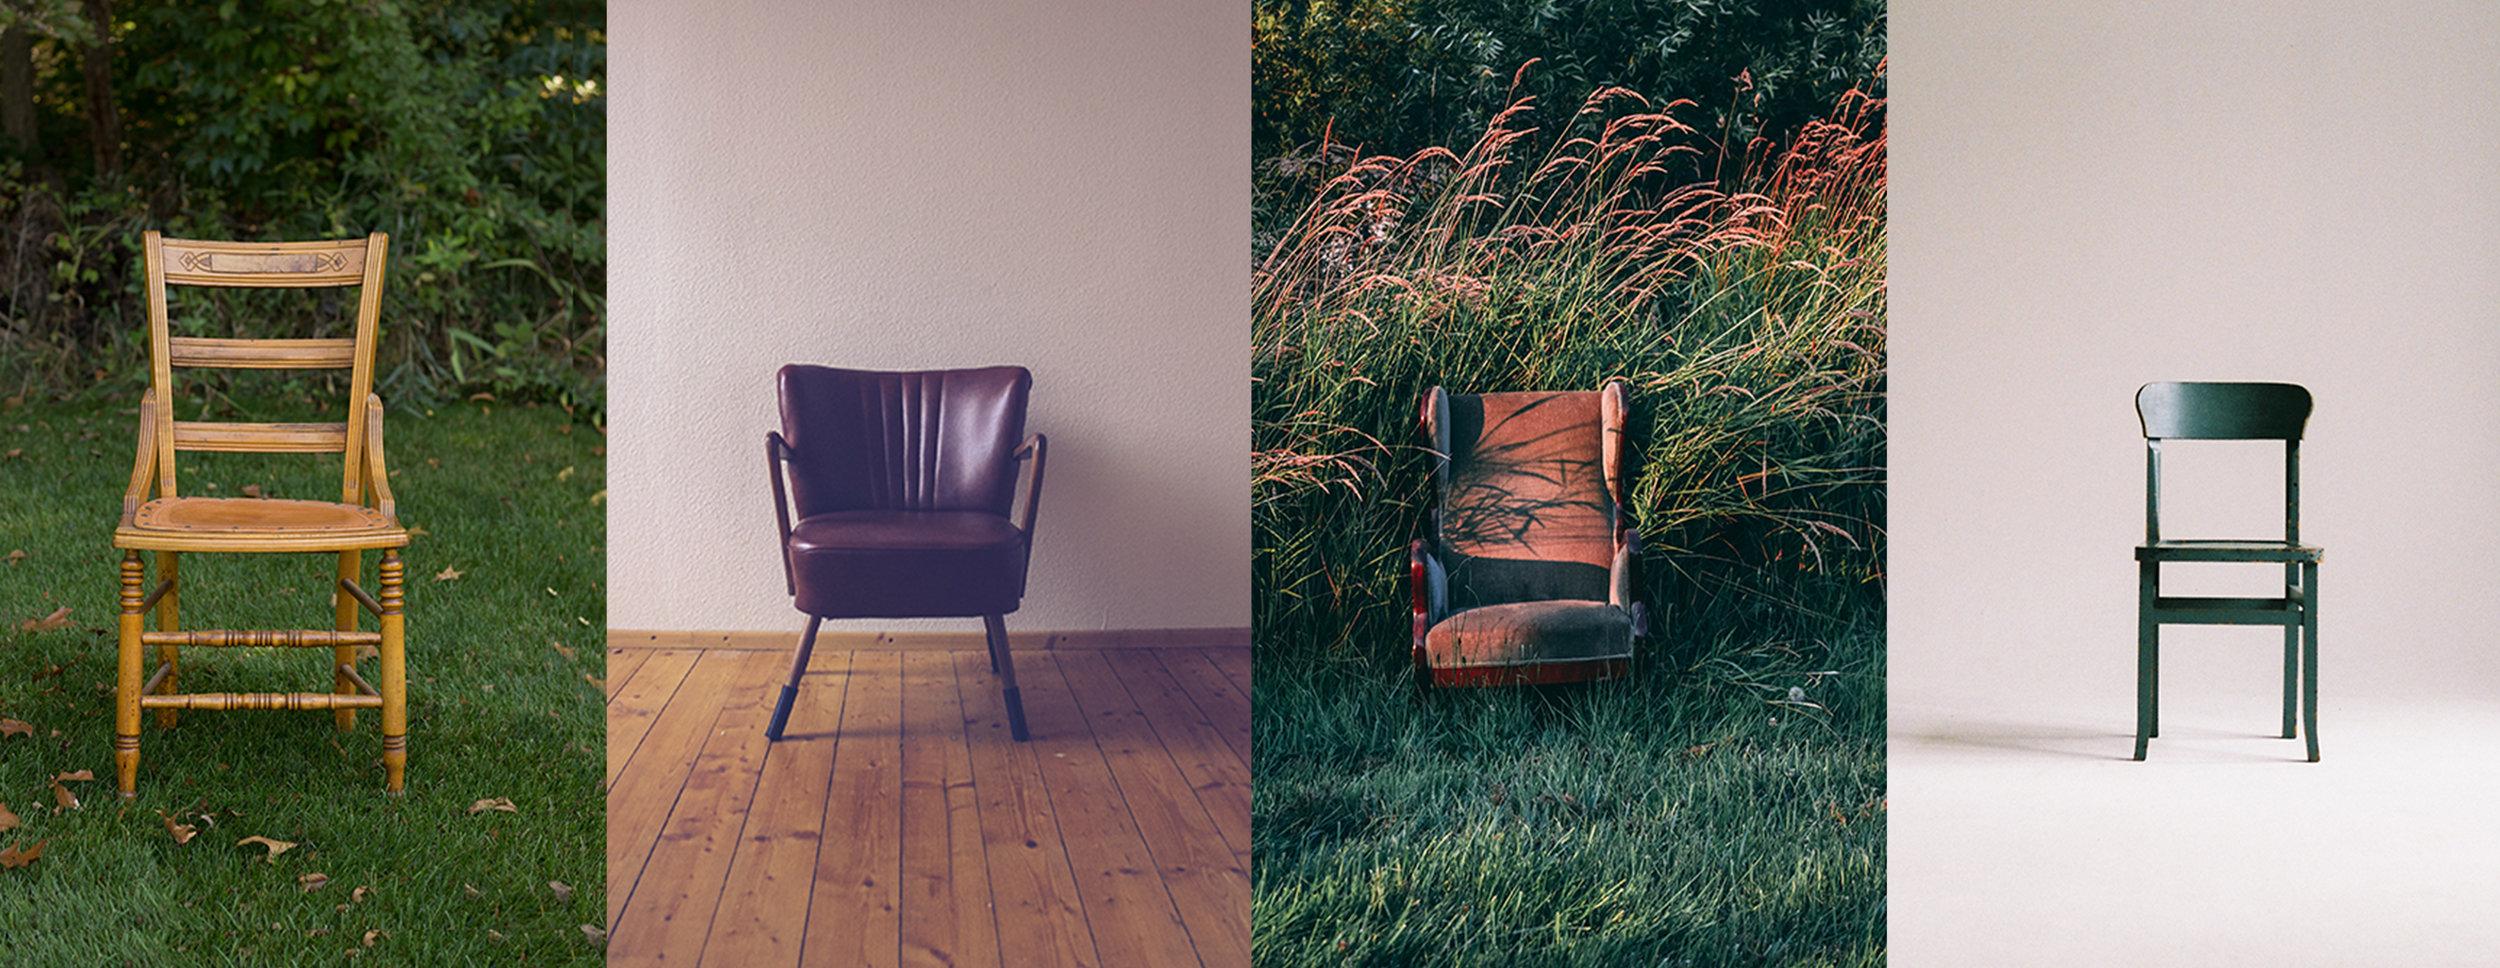 4 chairs.jpg